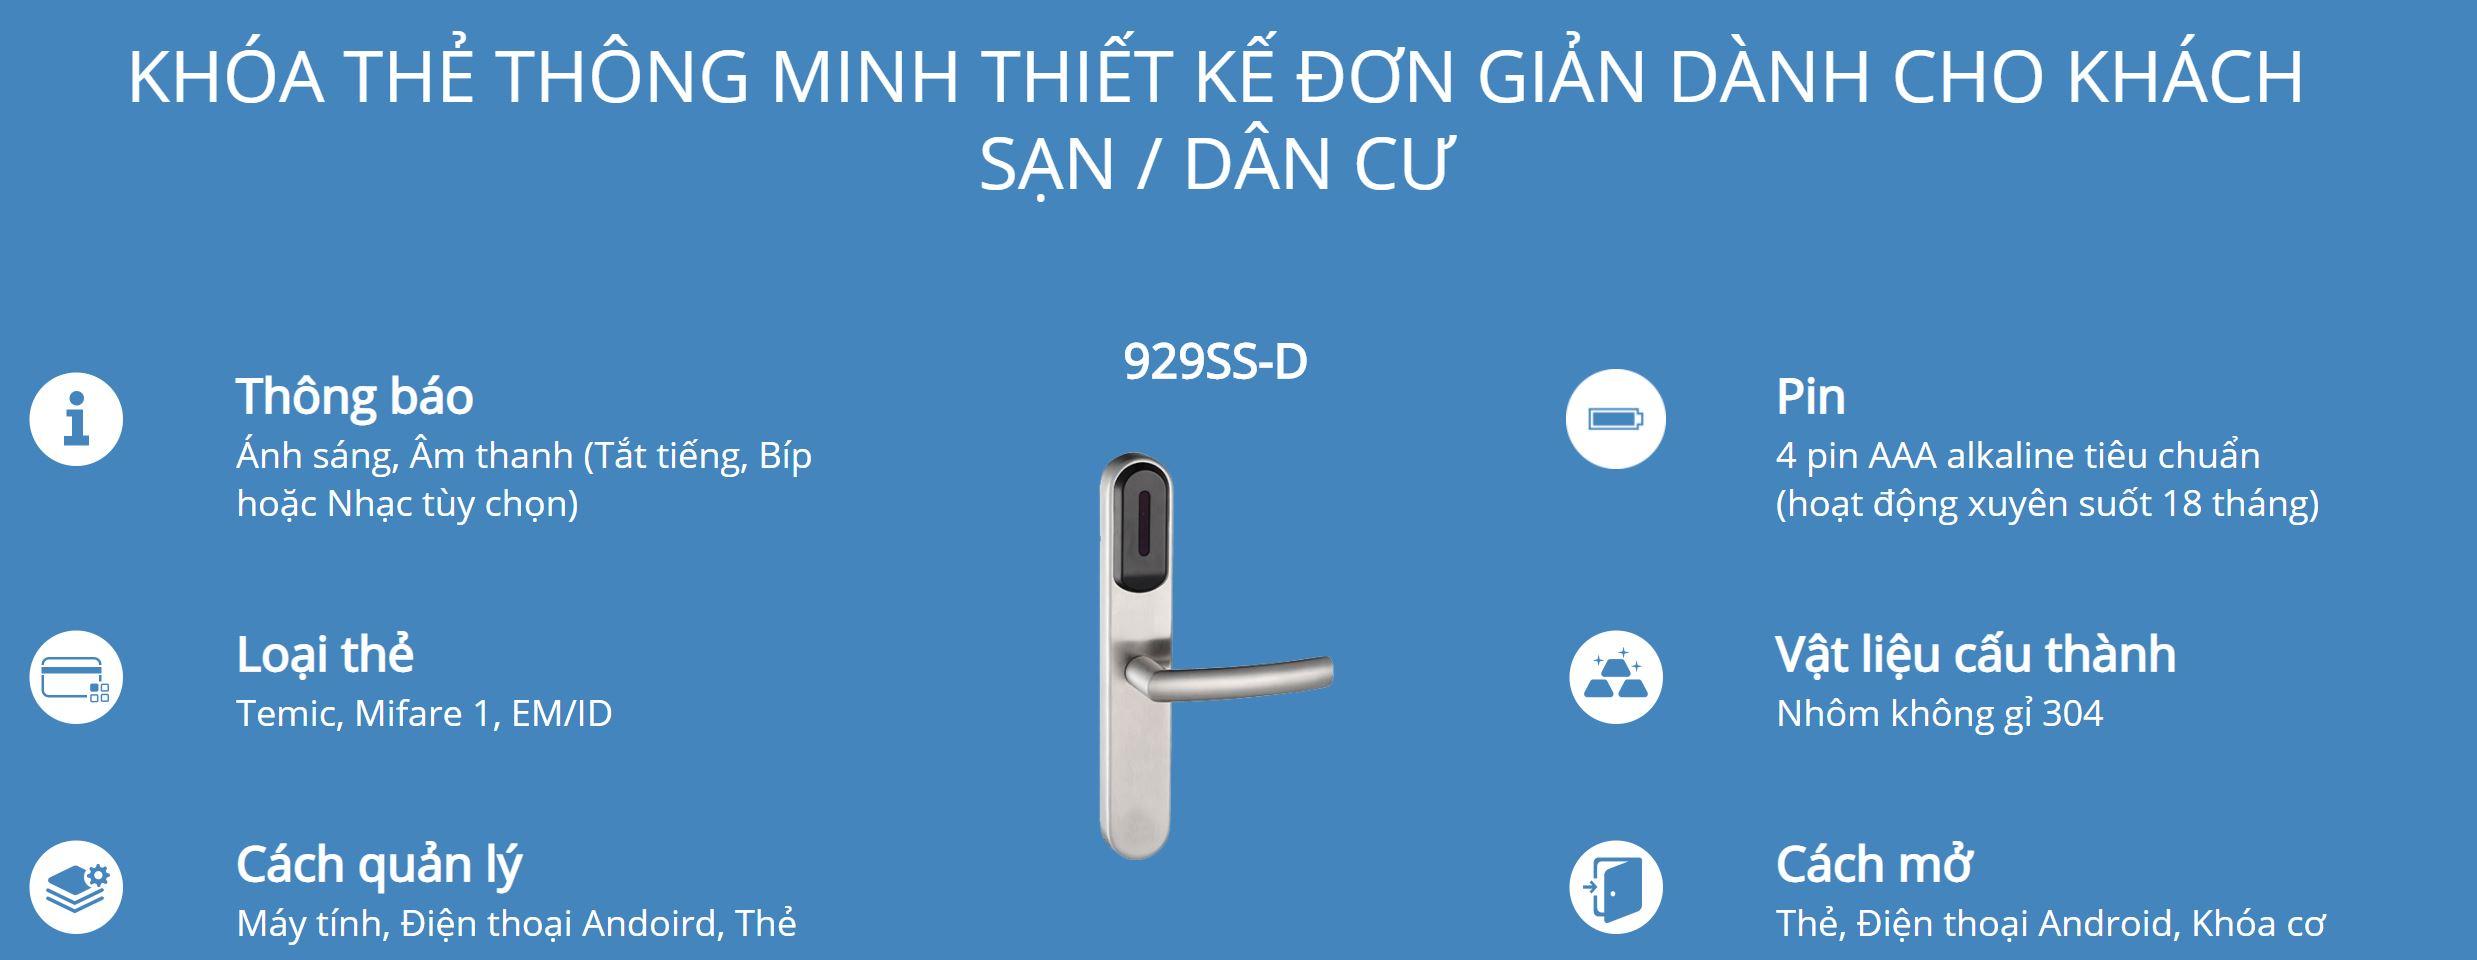 Thông tin kỹ thuật khóa thẻ Hune 929-D